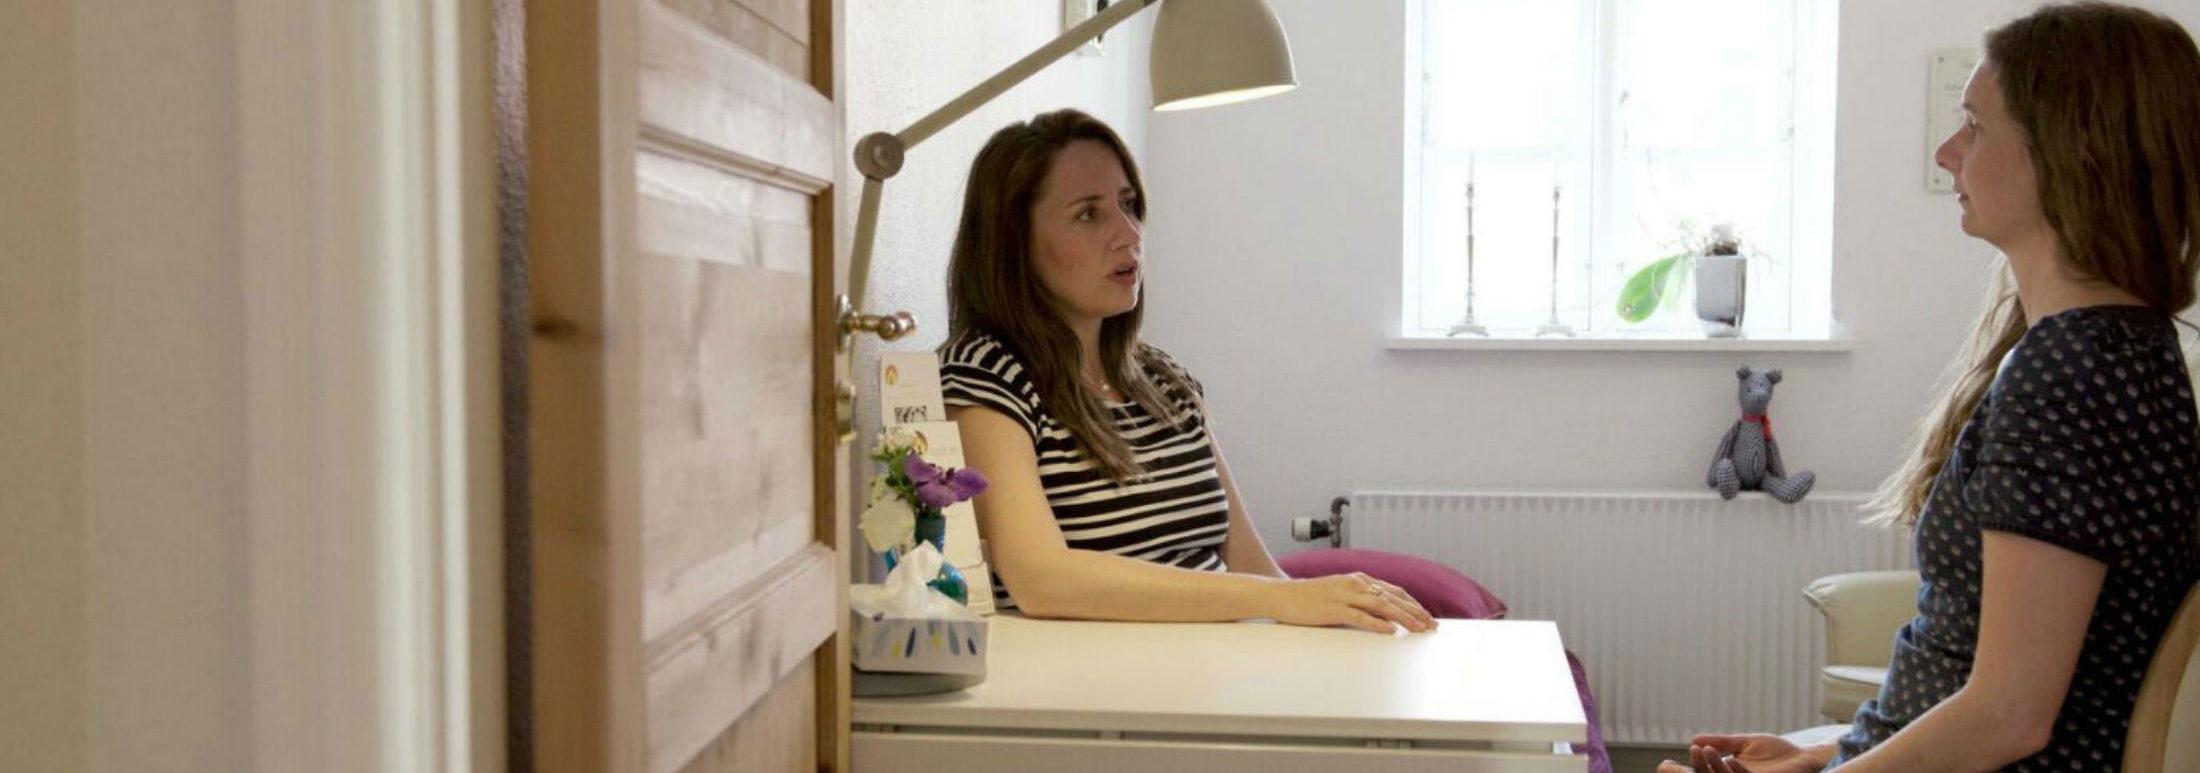 Hypnose og NLP coaching hos Helene Lysekilde fra Inde ro Odense. Hypnose er en metode der kan bruges til at understøtte den forandring du ønsker. Angst, smerter, selvværd og selvtillid.